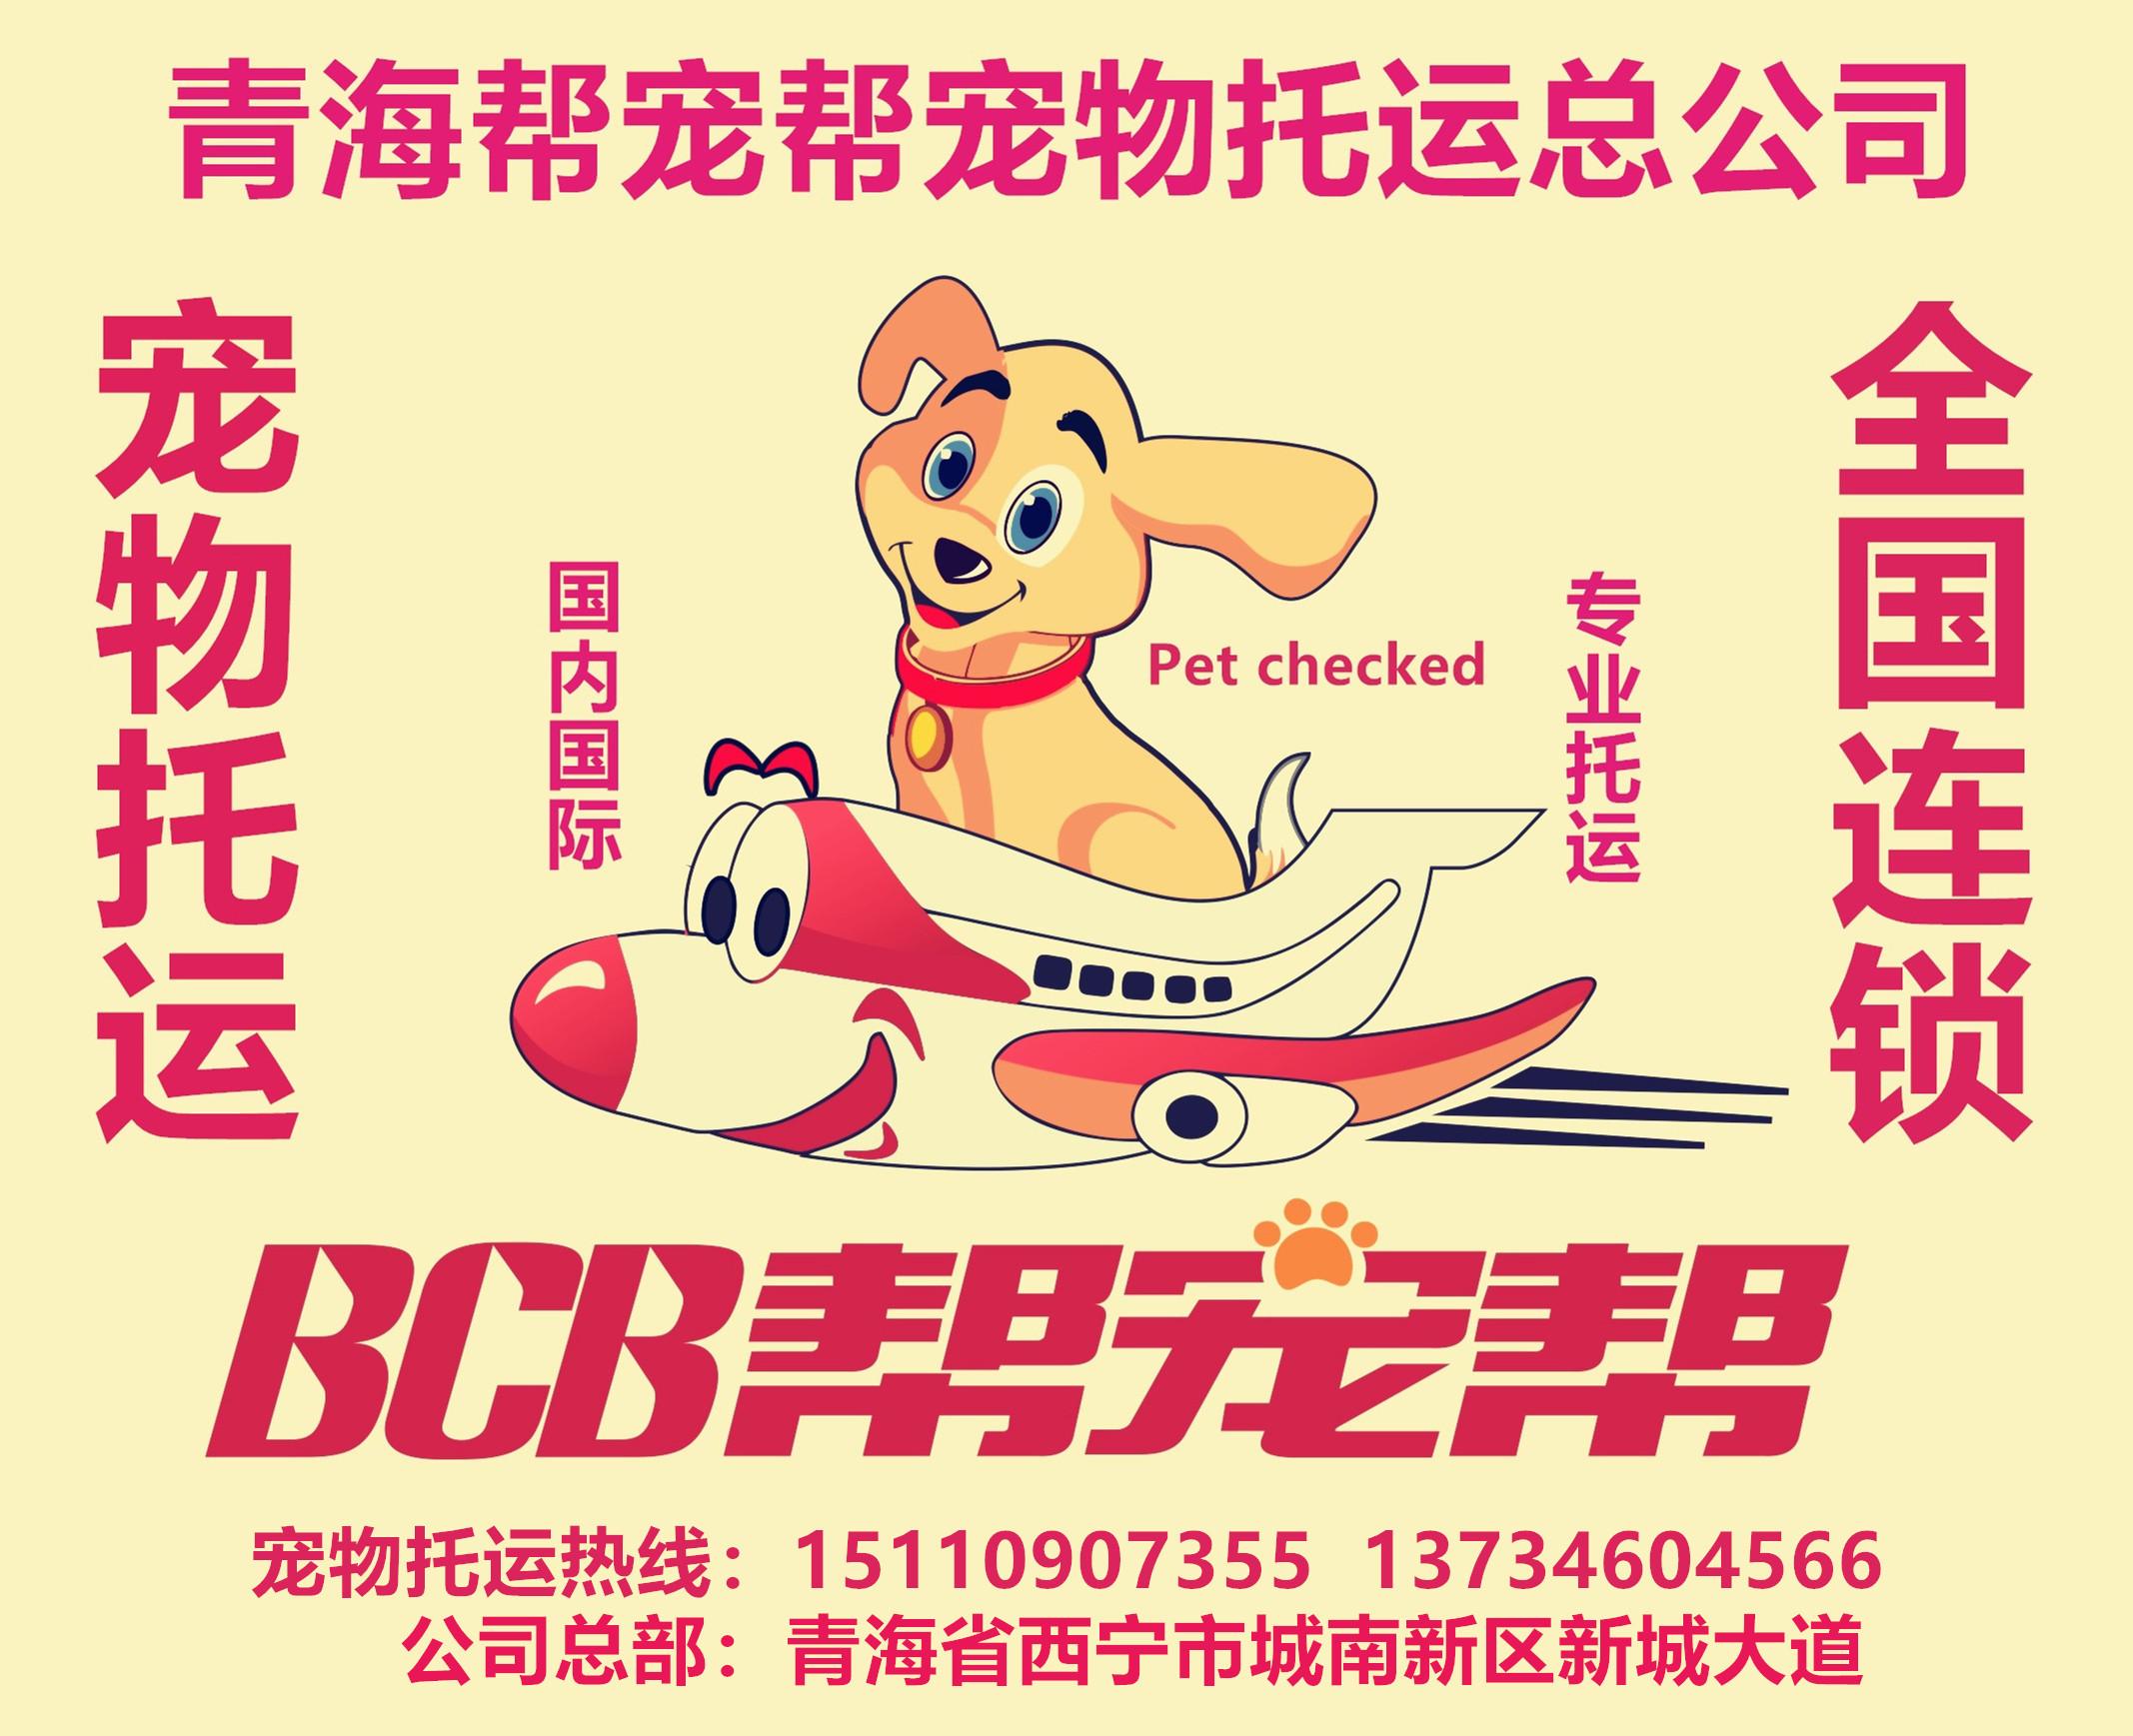 西宁帮宠帮宠物托运公司友鑫宠物托运